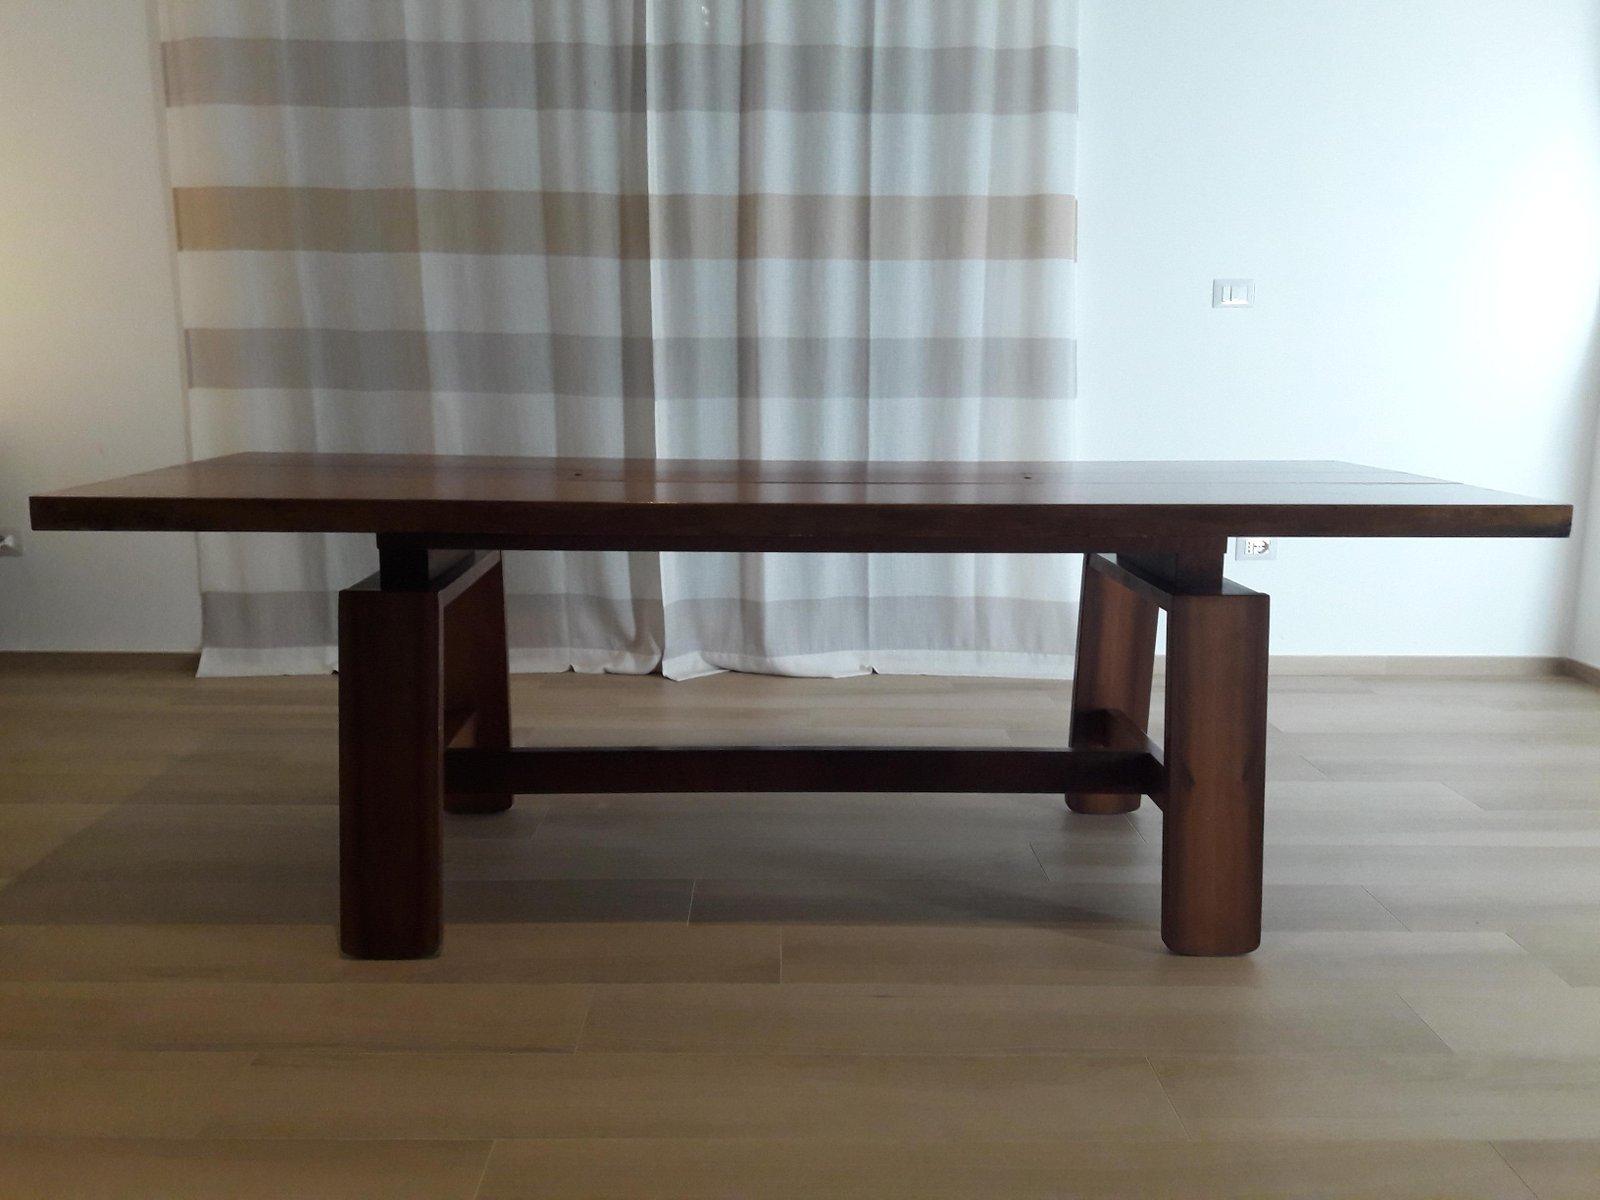 Tavolo da pranzo moderno di silvio coppola per bernini - Tavolo pranzo moderno ...